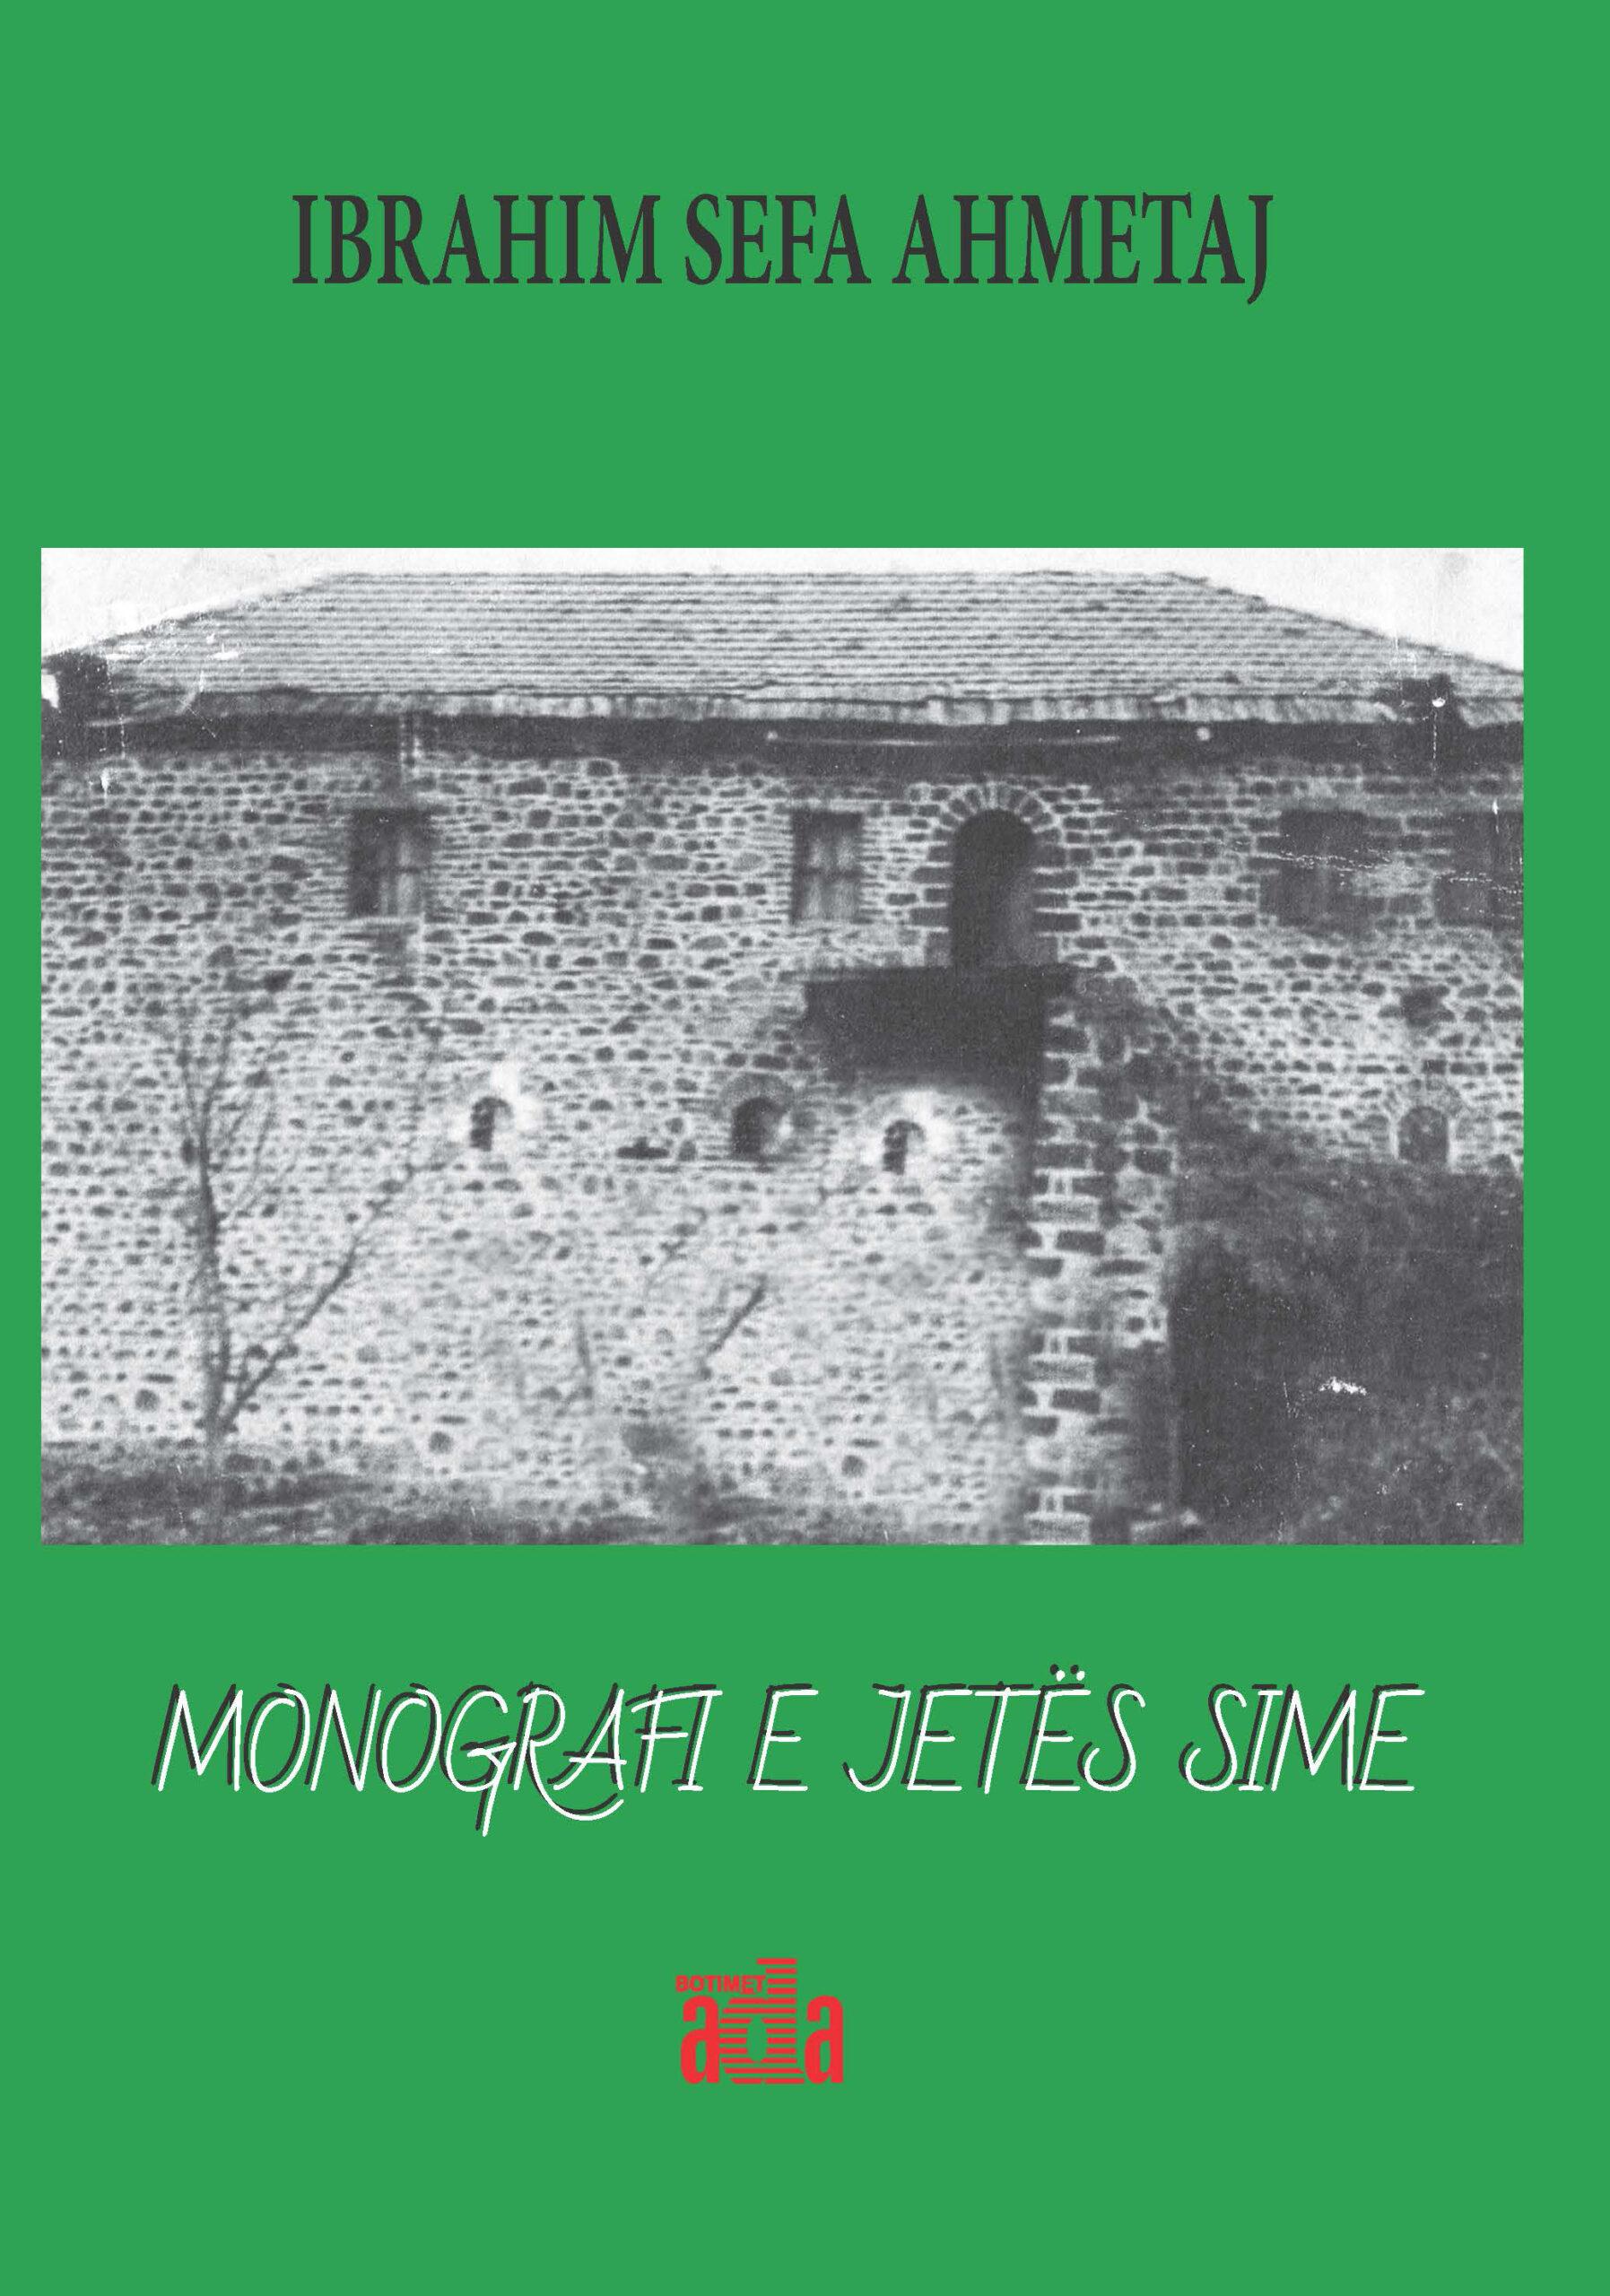 MONOGRAFI E JETËS SIME